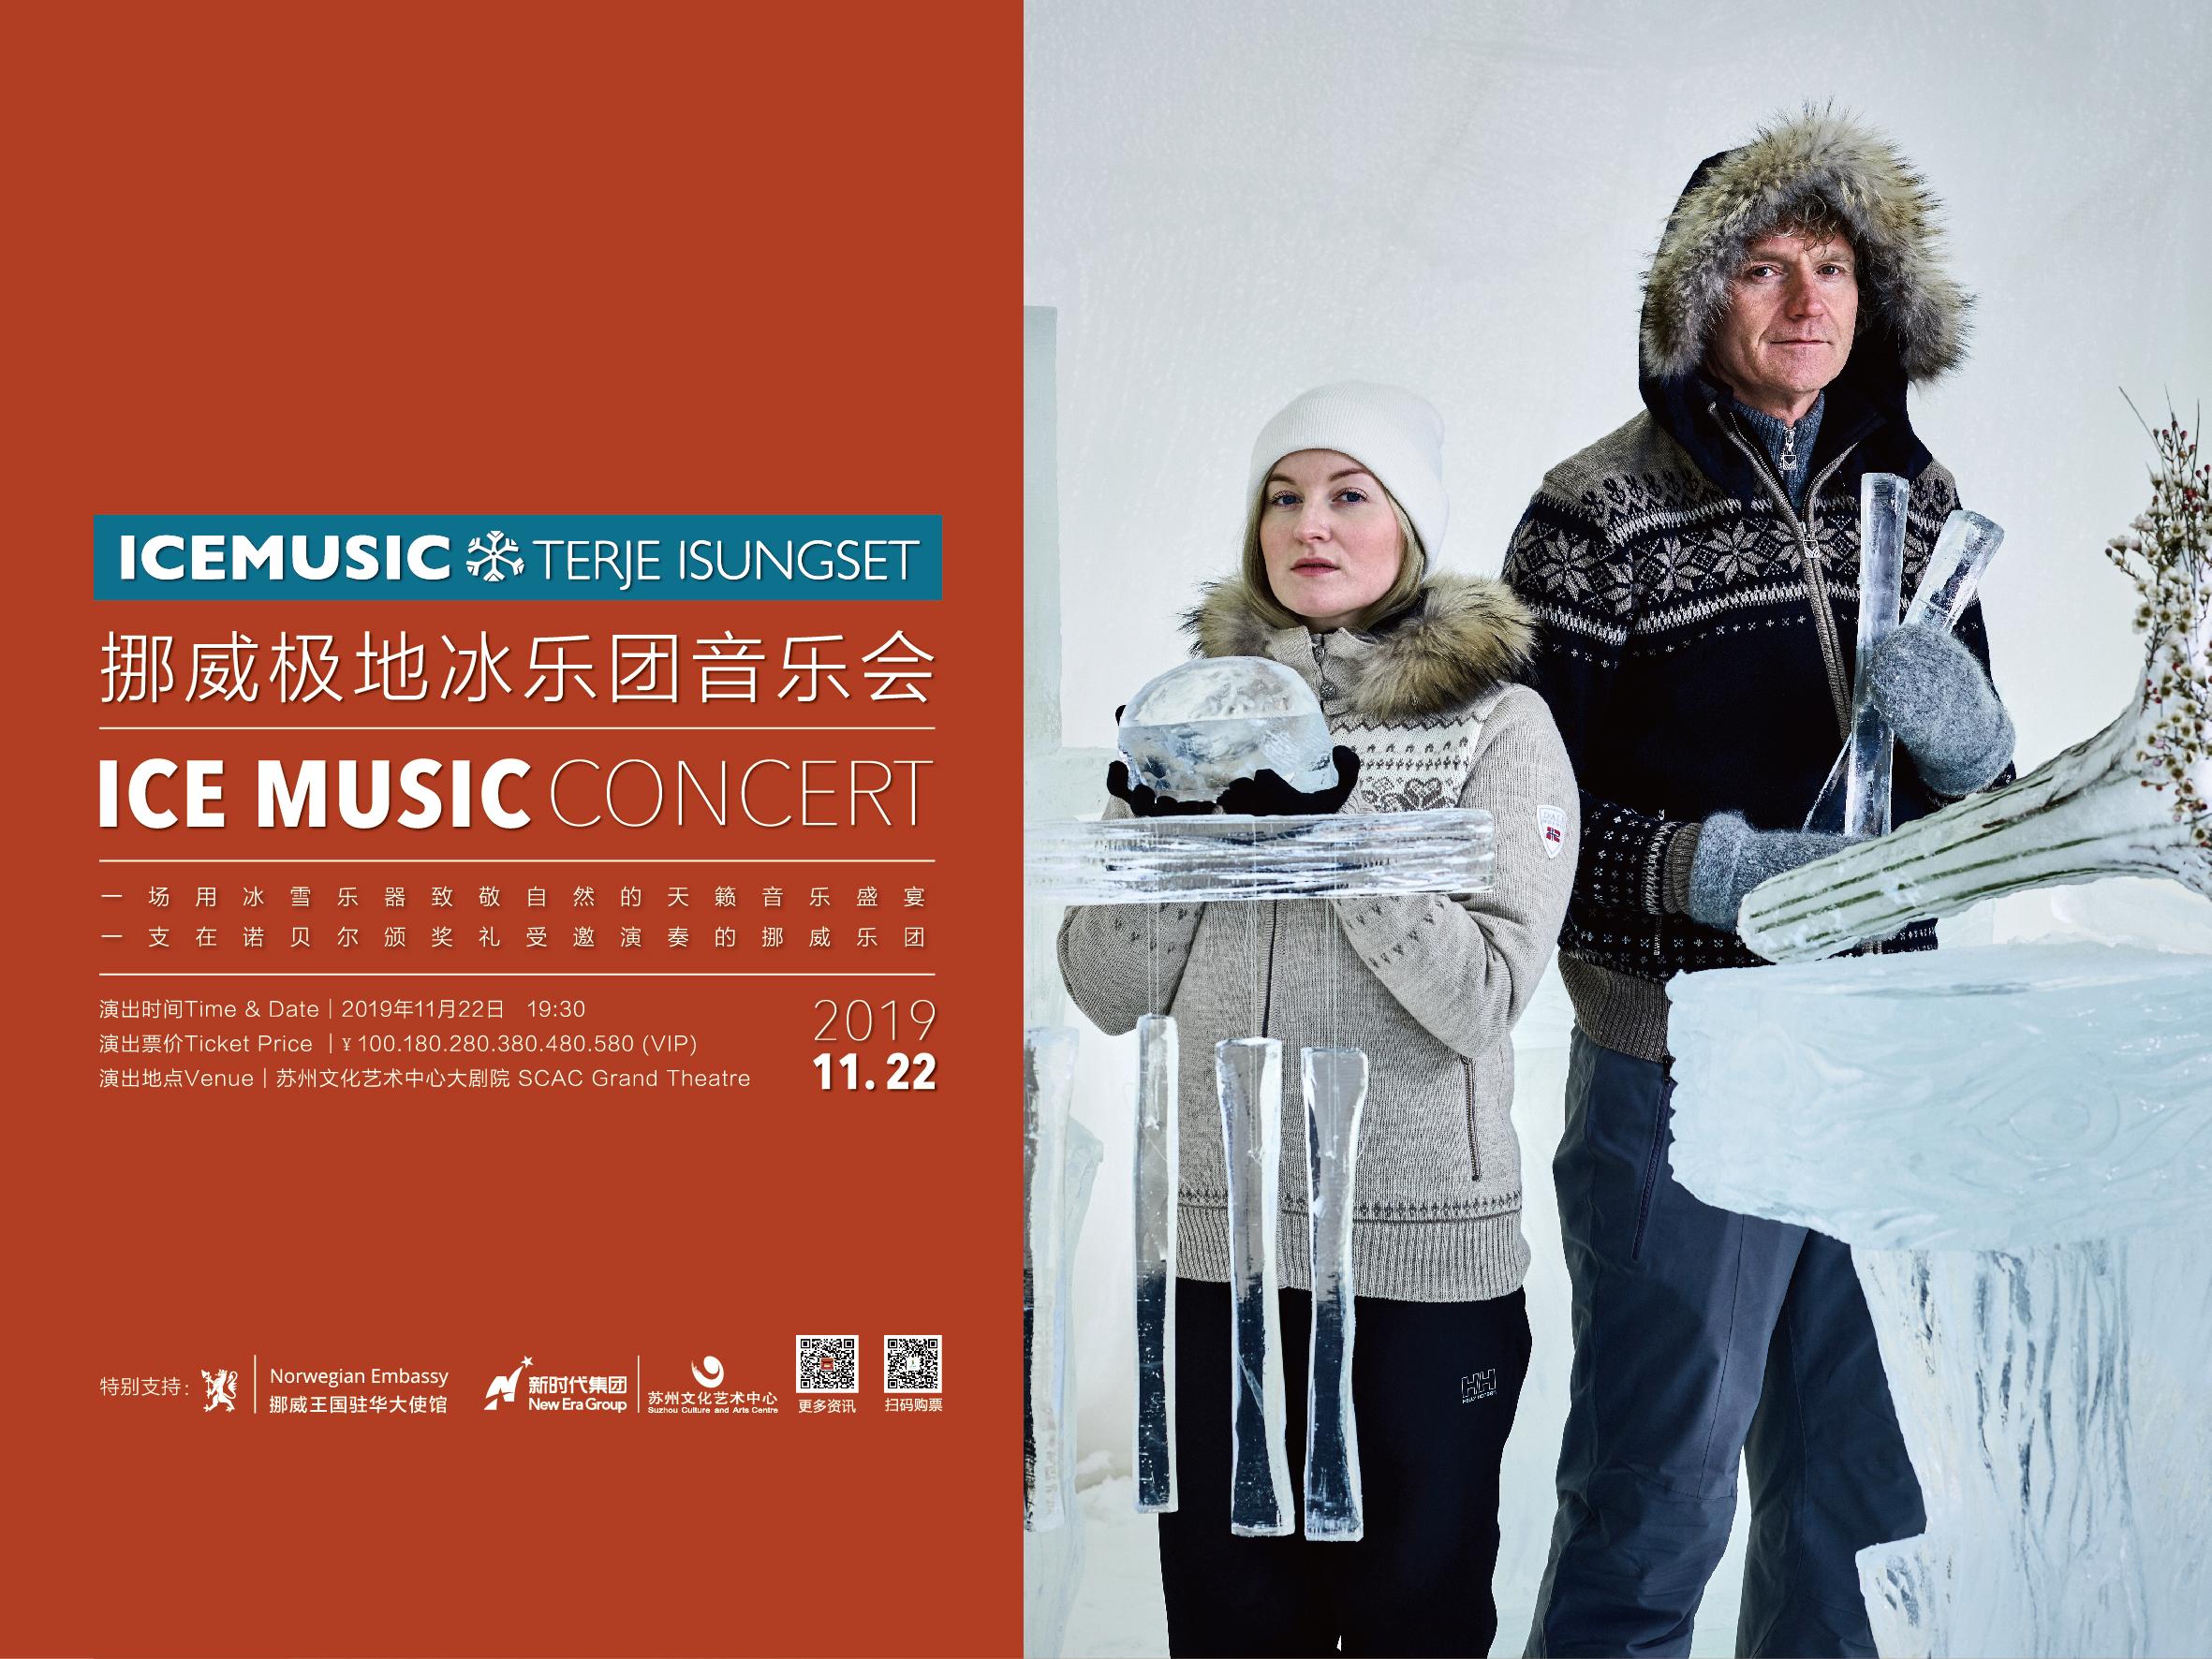 挪威极地冰乐团音乐会 ICE MUSIC Concert